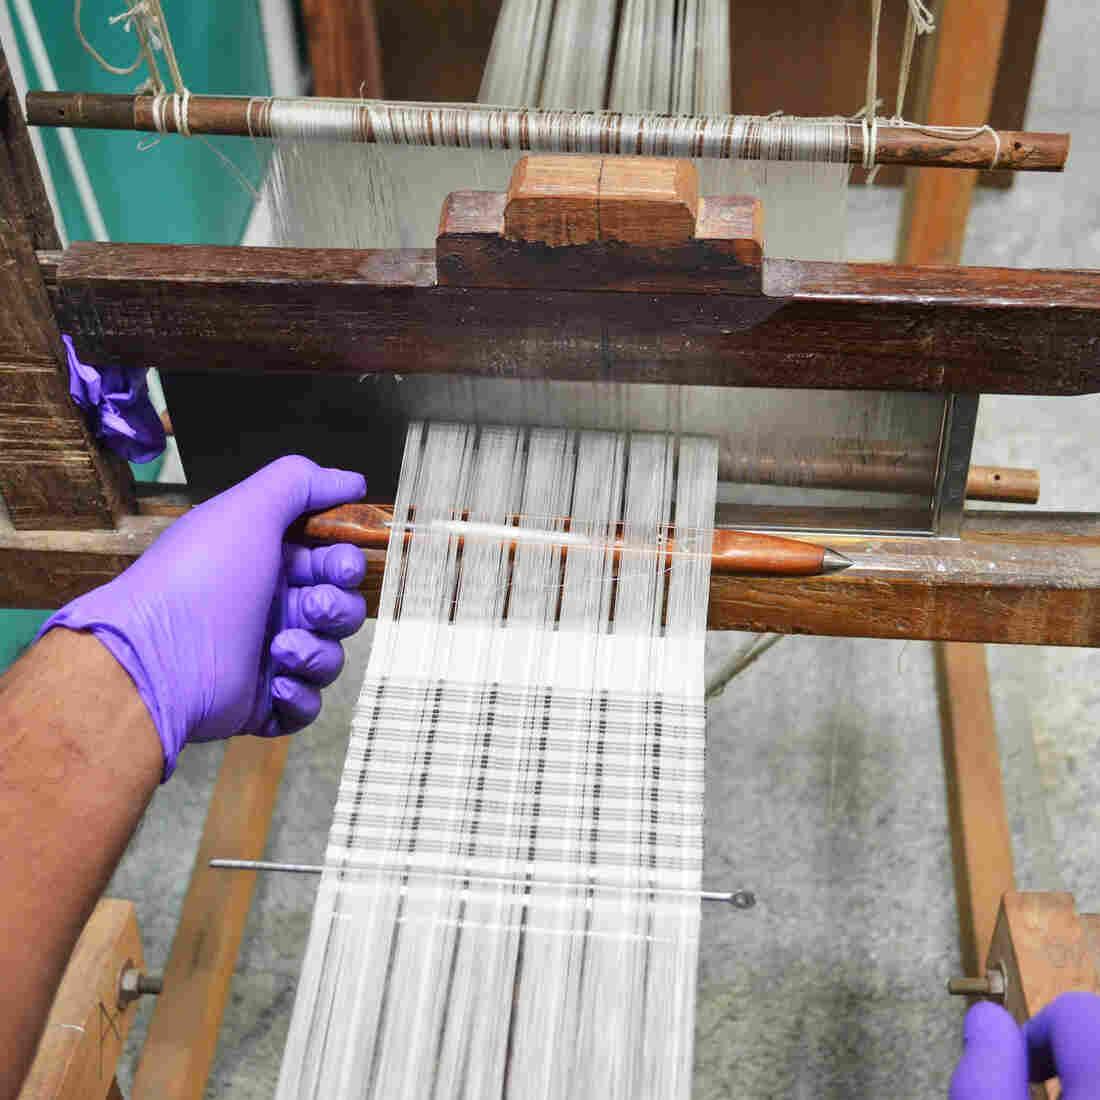 Weavers Turn Silk Into Diabetes Test Strips